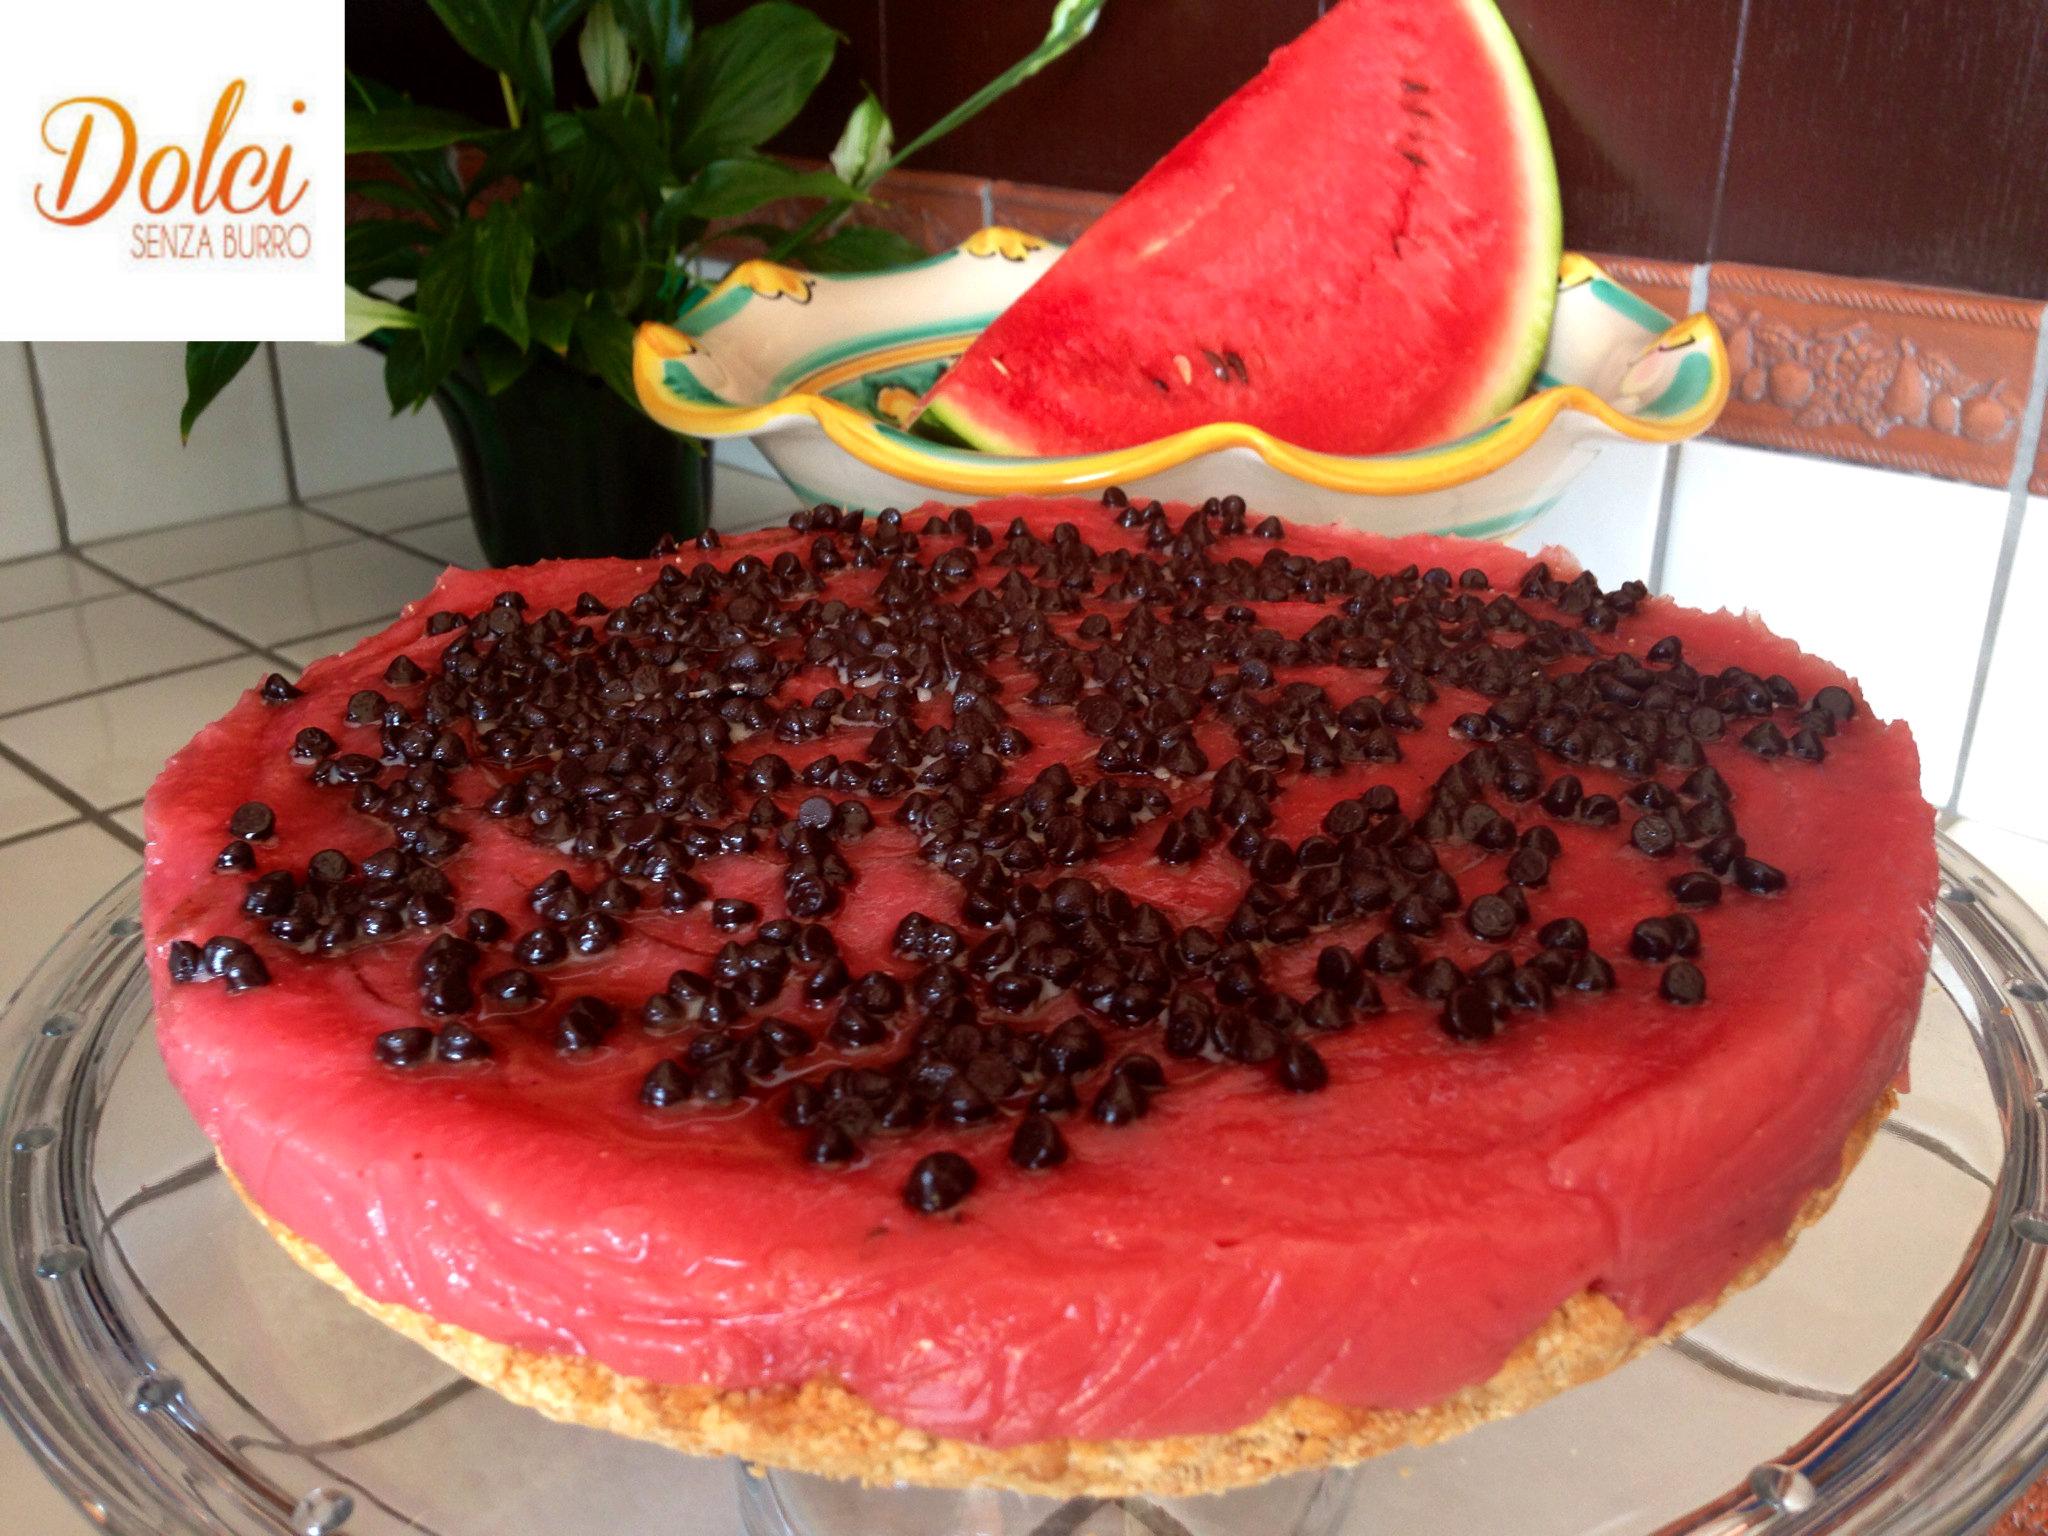 Gelo di Anguria su Frolla Senza Burro, la versione originale del tipico dolce siciliano di Dolci Senza Burro